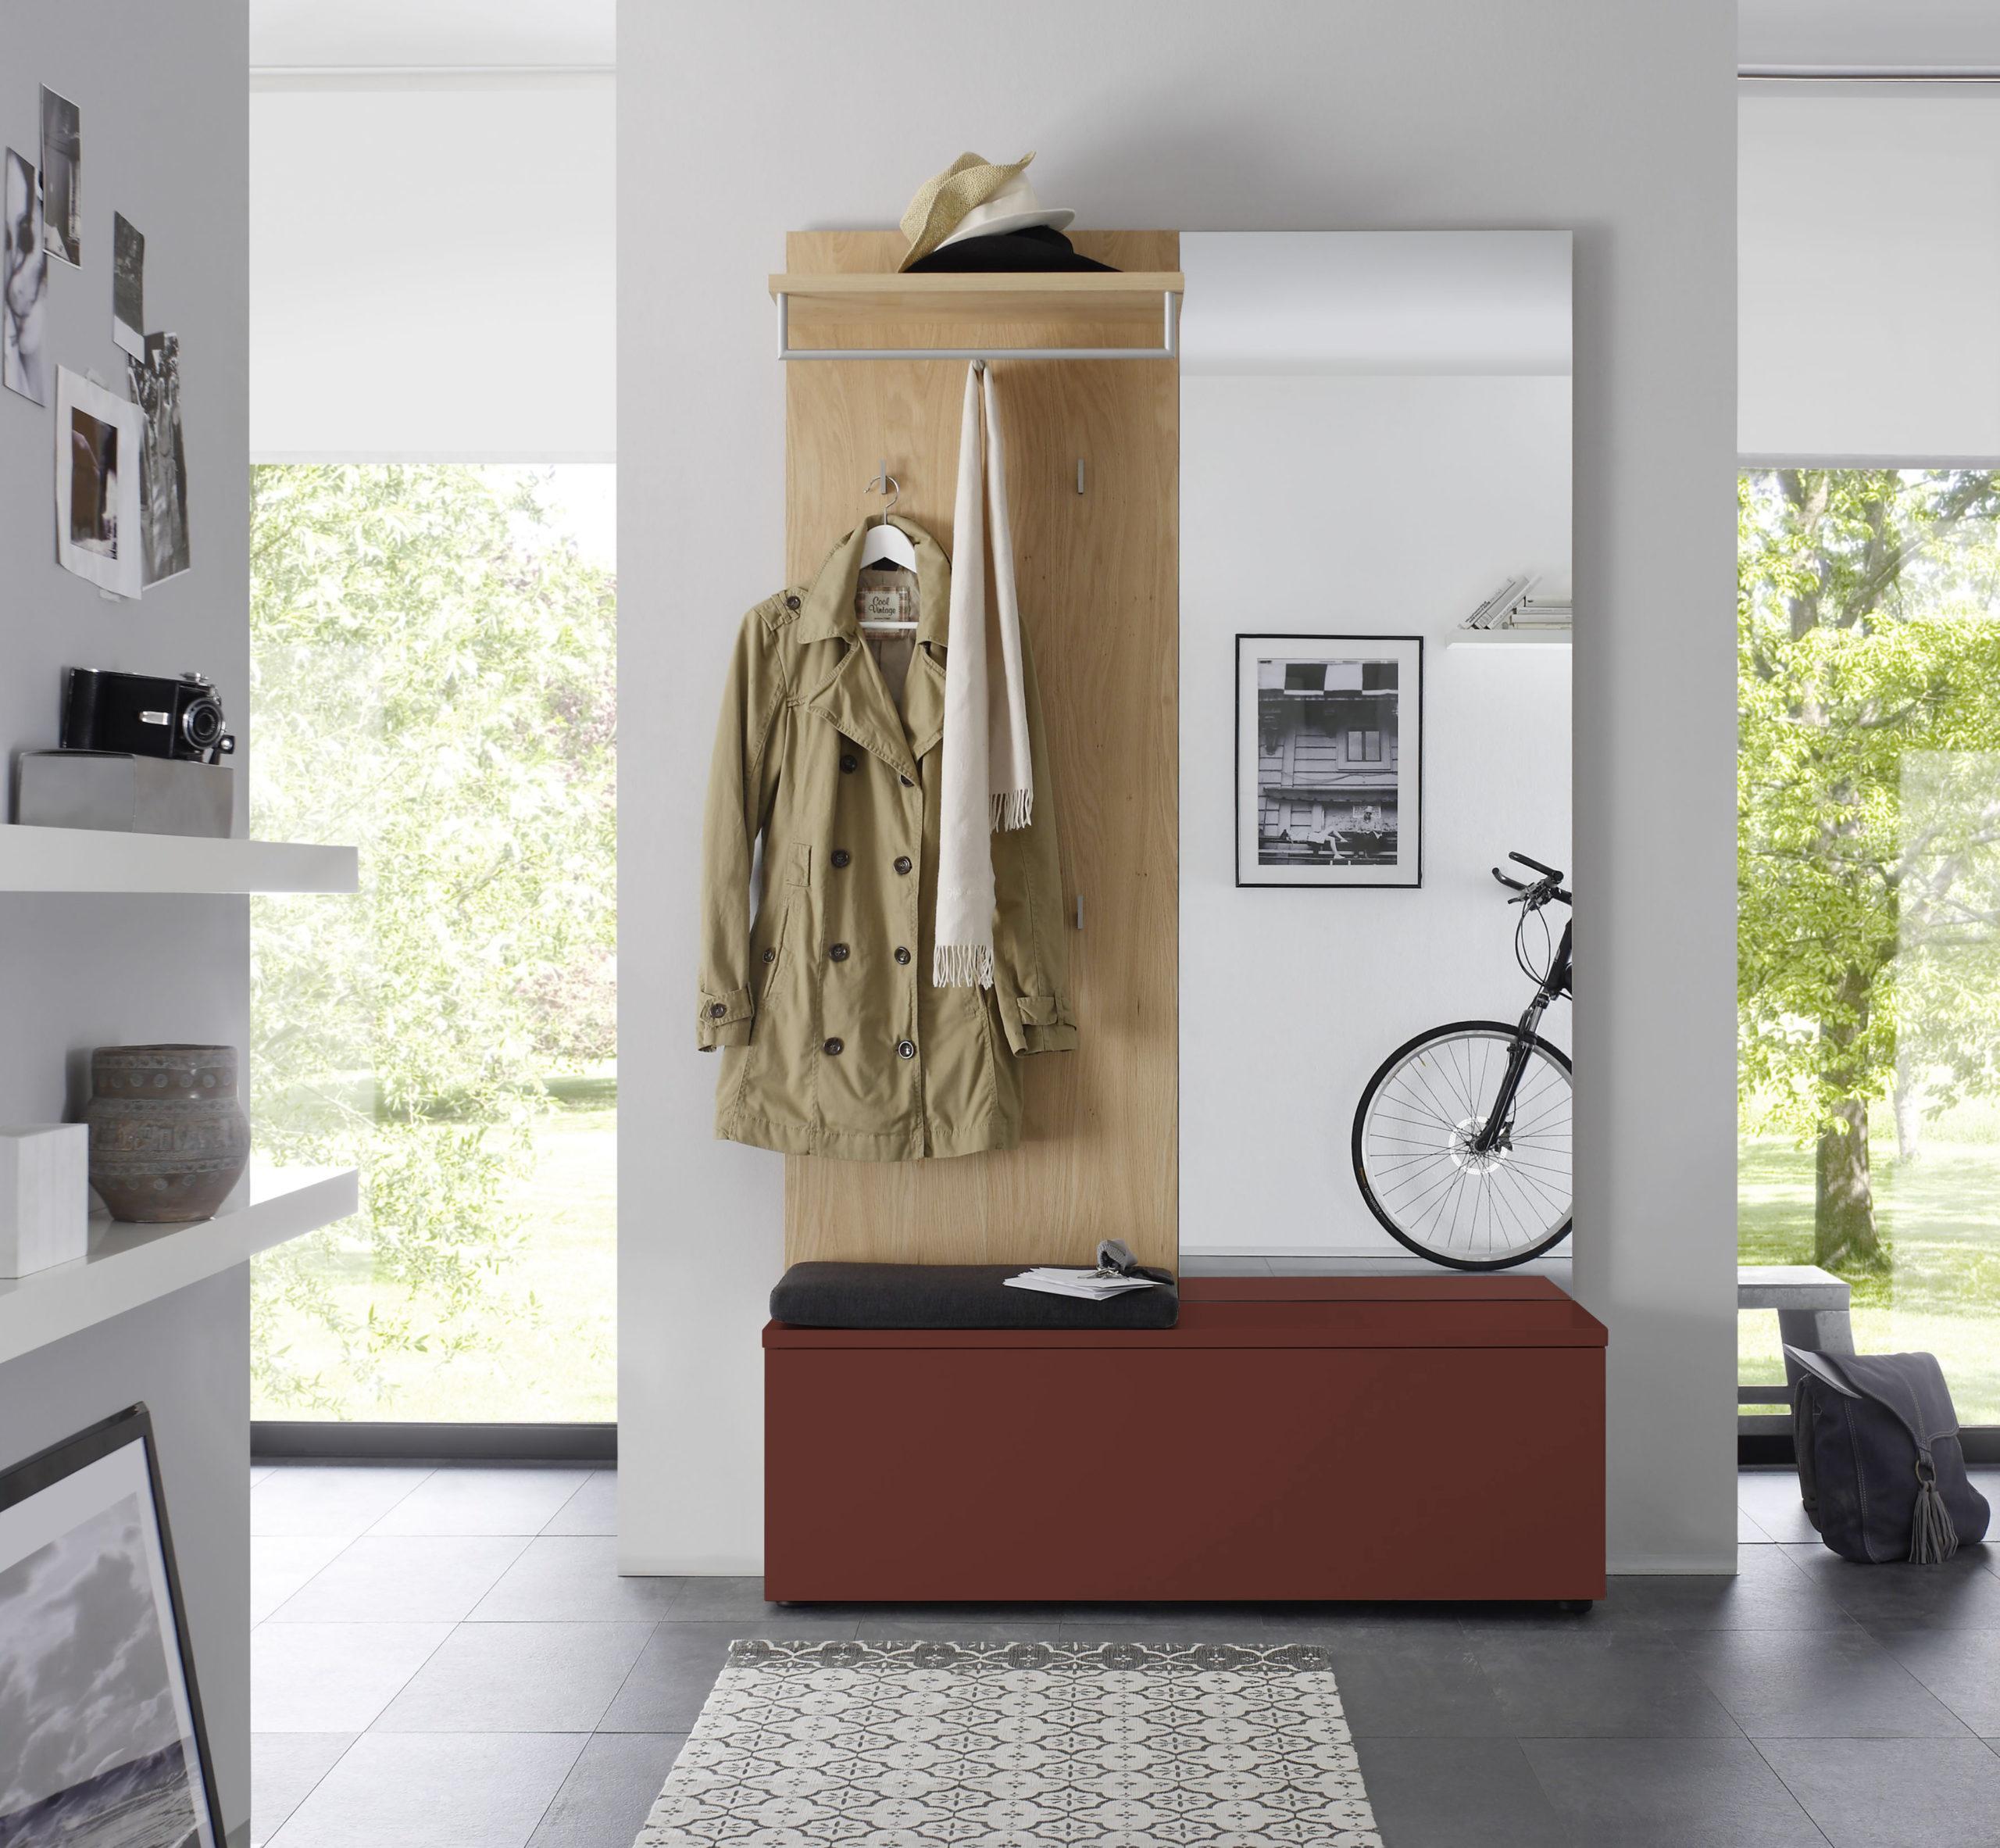 Sudbrock TANDO Garderobe in der Ausführung Ethno Eiche, Lack ziegelrot #480